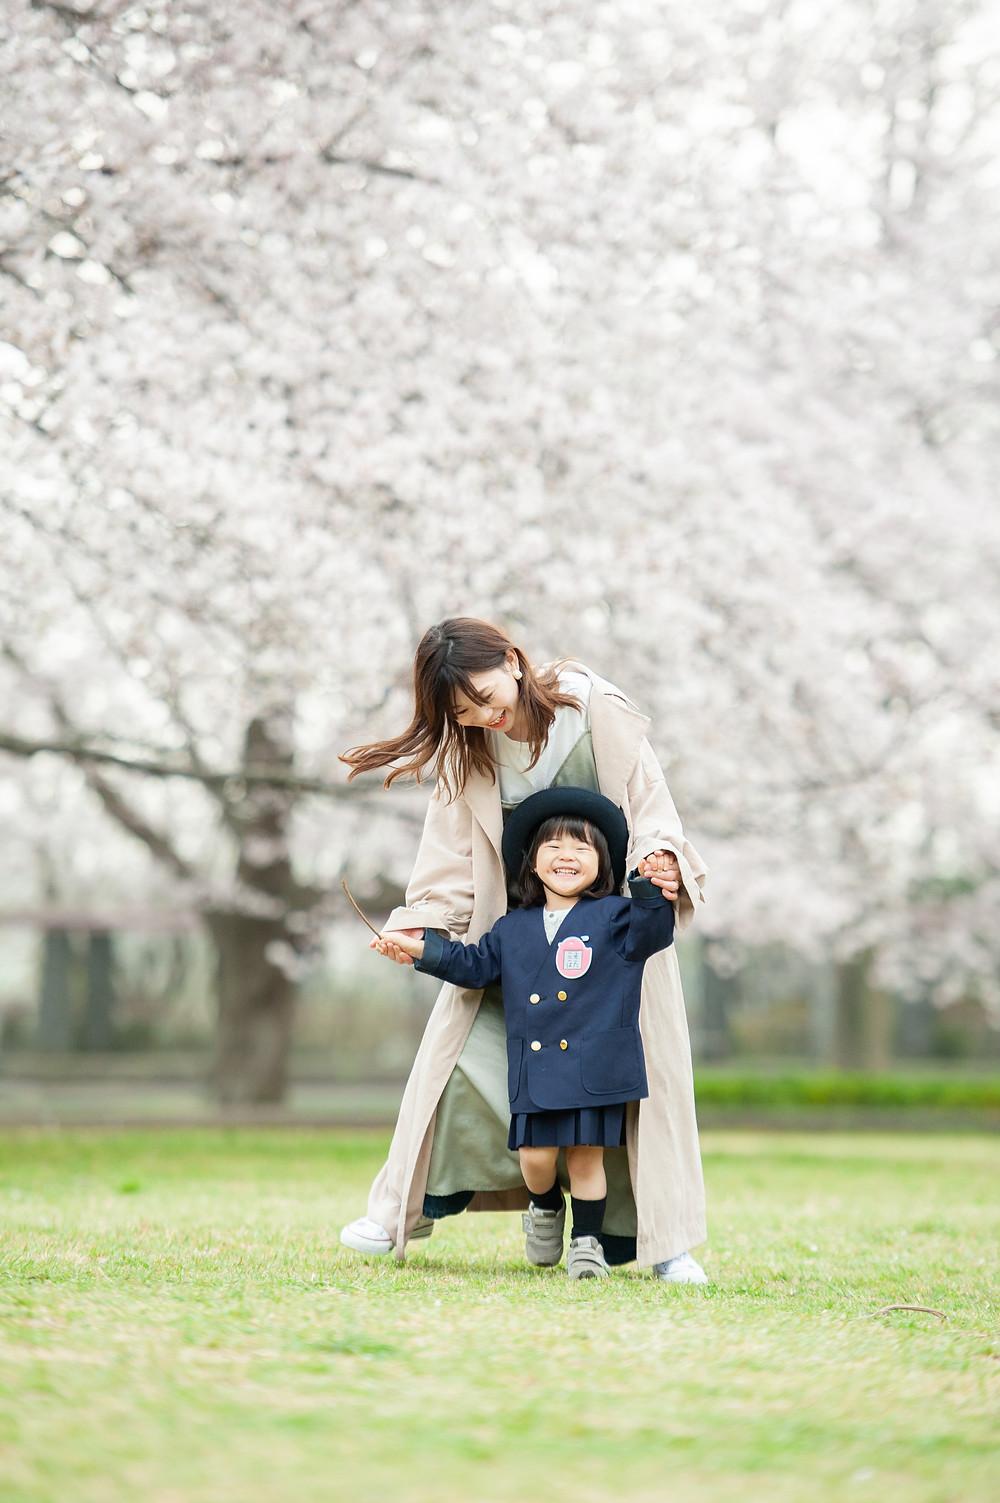 桜の咲く公園でママと一緒に歩く娘